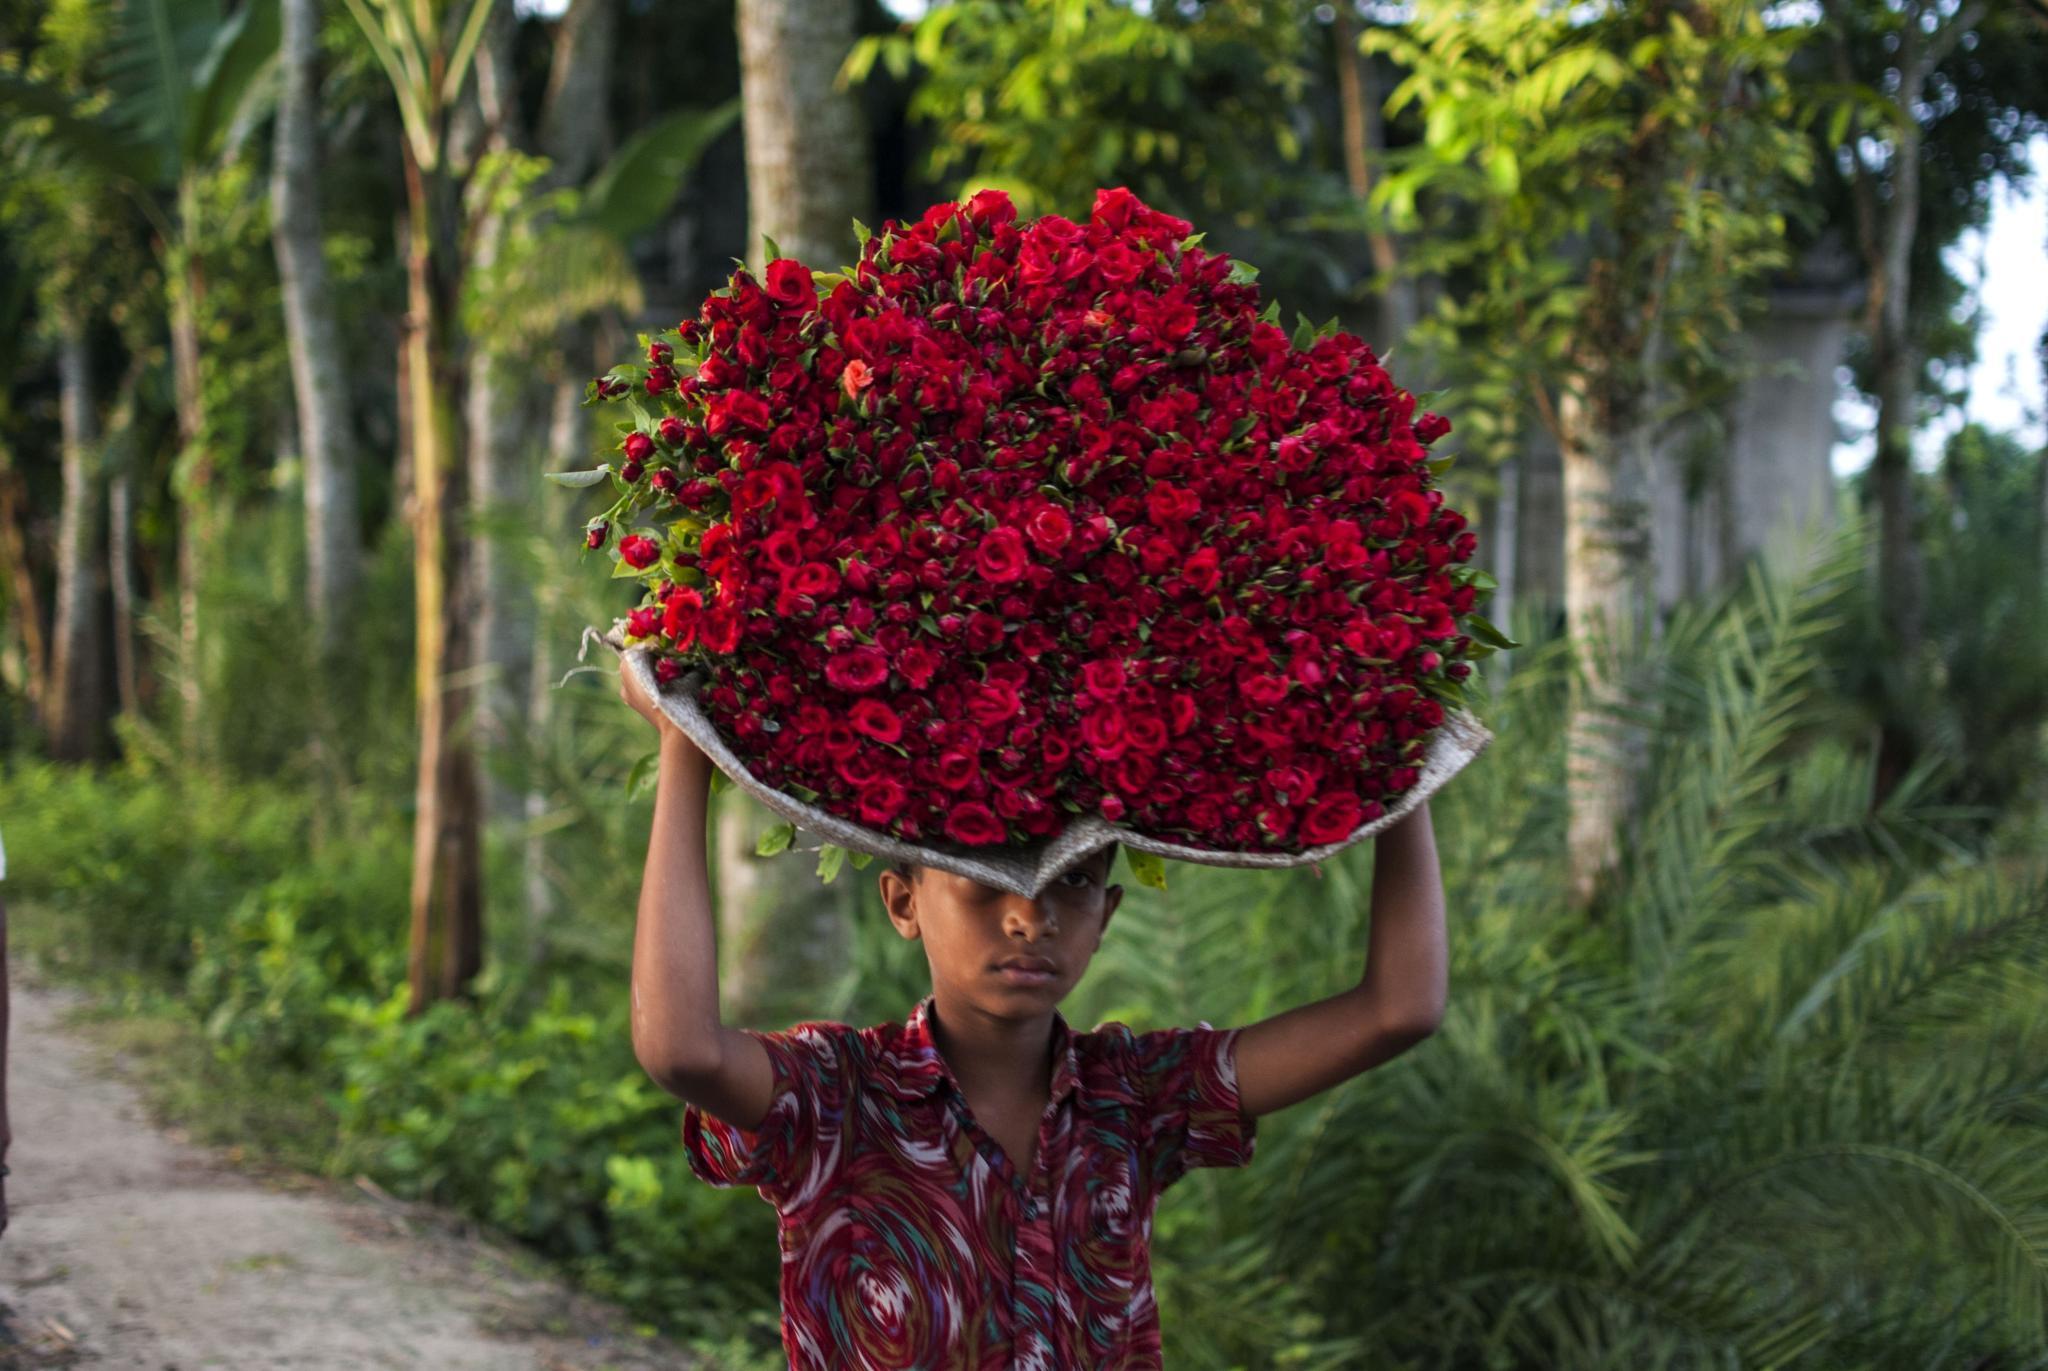 Flower Boy by Jahidul Islam Palash